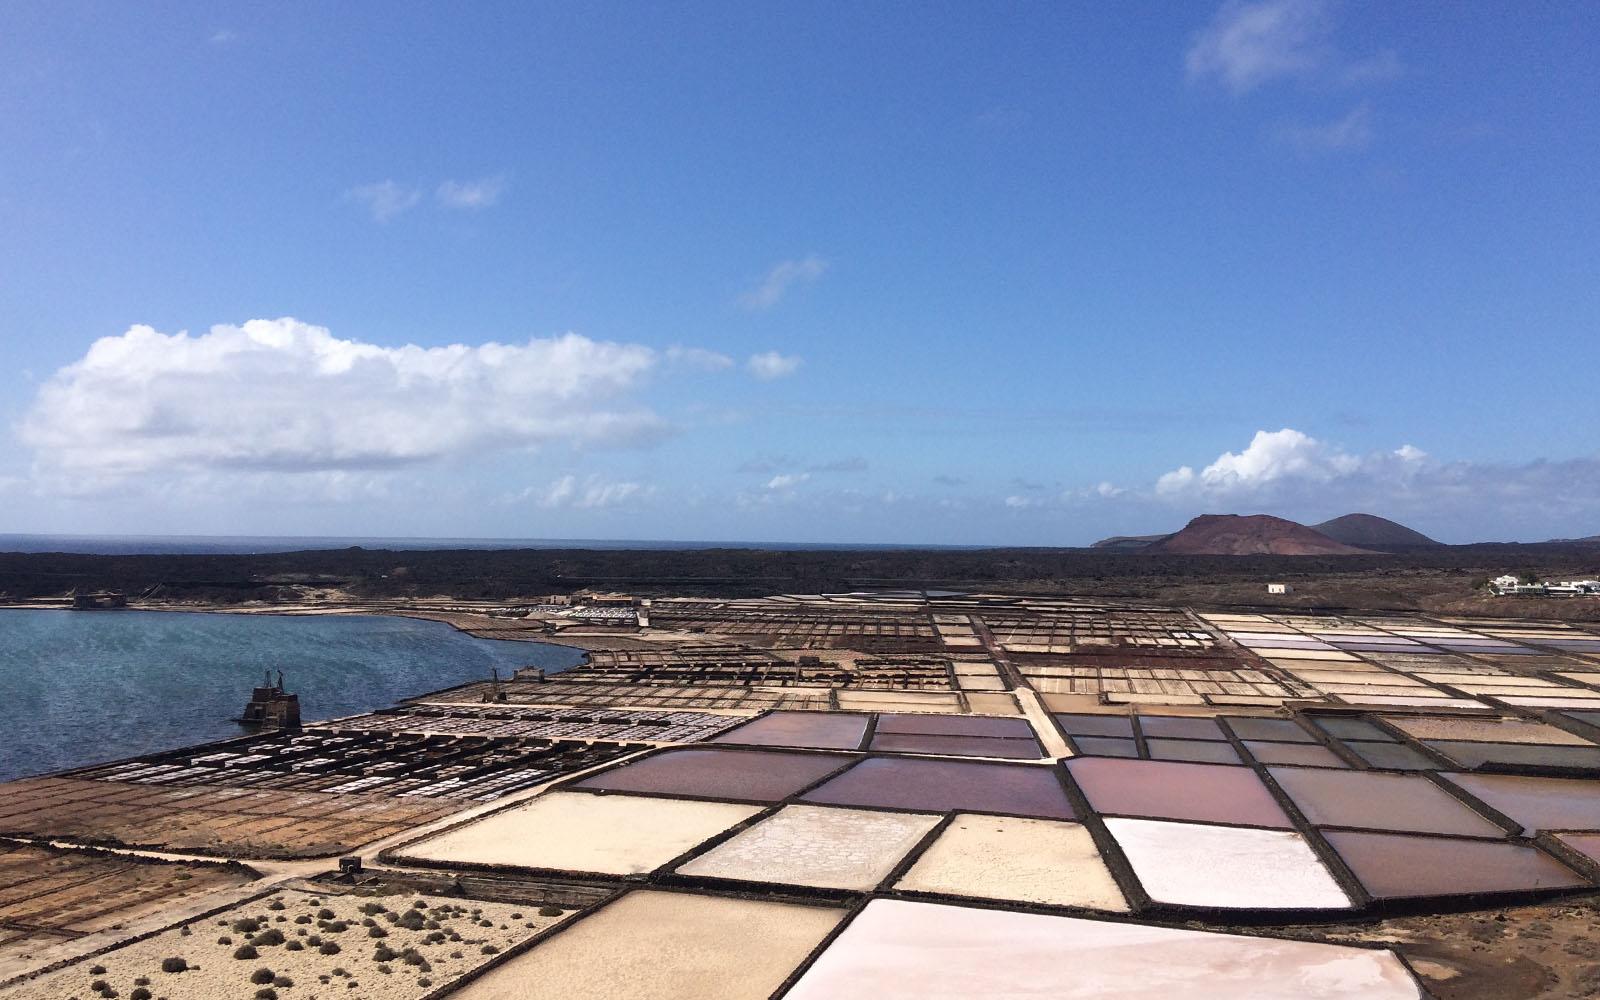 Le saline di Lanzarote, le più grandi dell'arcipelago canaro.